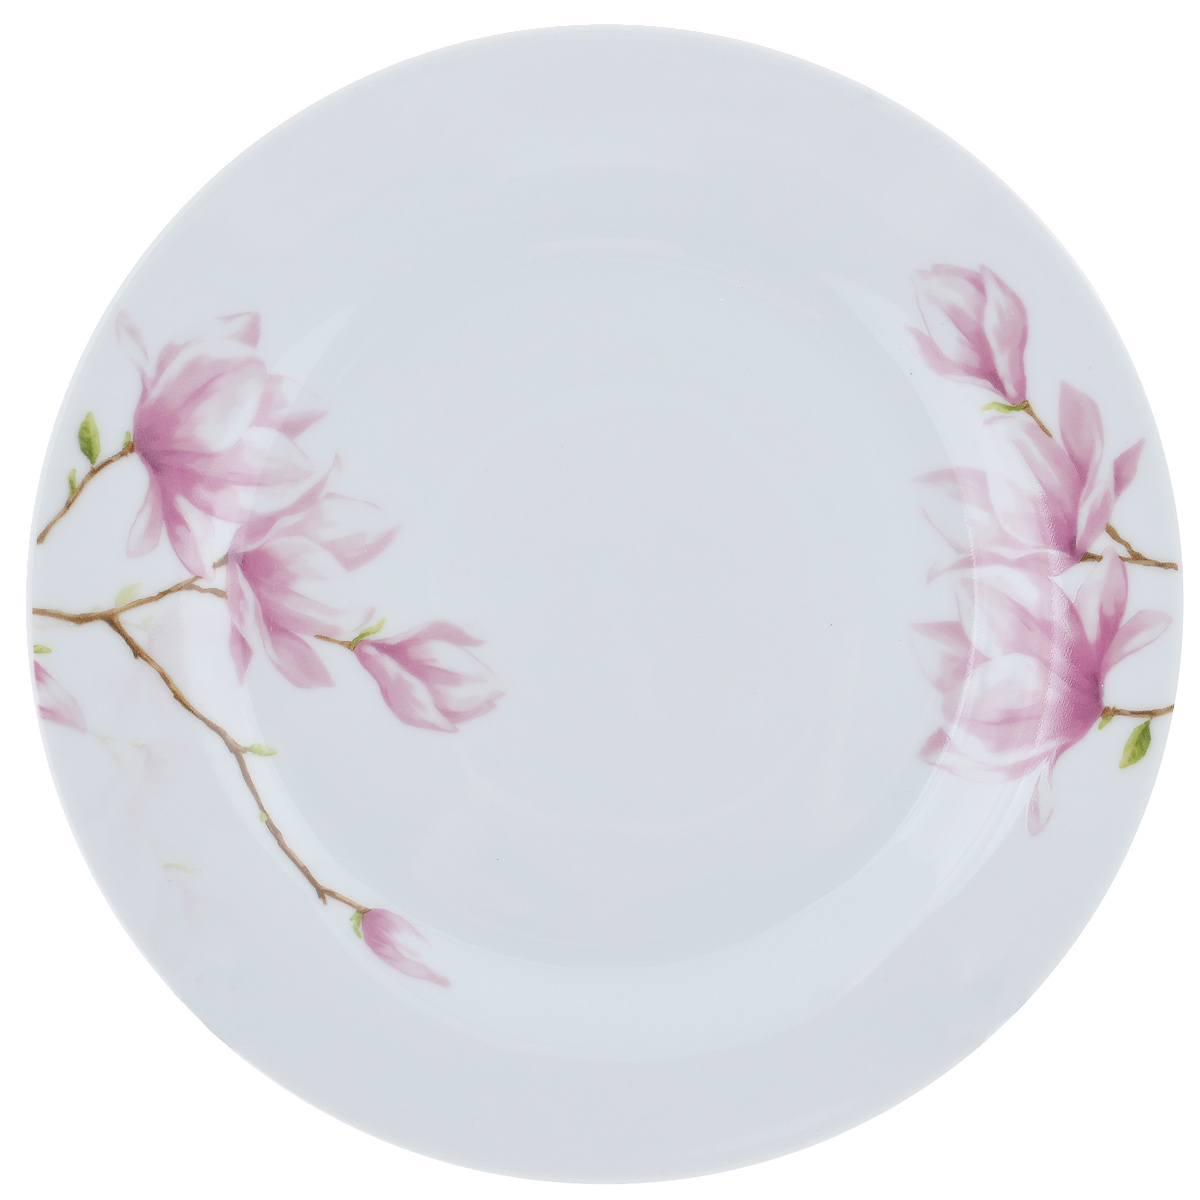 Тарелка для горячего Ваниль, диаметр 23 смDNDSS-B009-1Тарелка Ваниль изготовлена из высококачественного фаянса, покрытого слоем сверкающей глазури. Предназначена для подачи вторых блюд. Изделие декорировано изящным изображением розовых цветов. Такая тарелка украсит сервировку стола и подчеркнет прекрасный вкус хозяйки.Можно мыть в посудомоечной машине и использовать в СВЧ. Диаметр тарелки: 23 см.